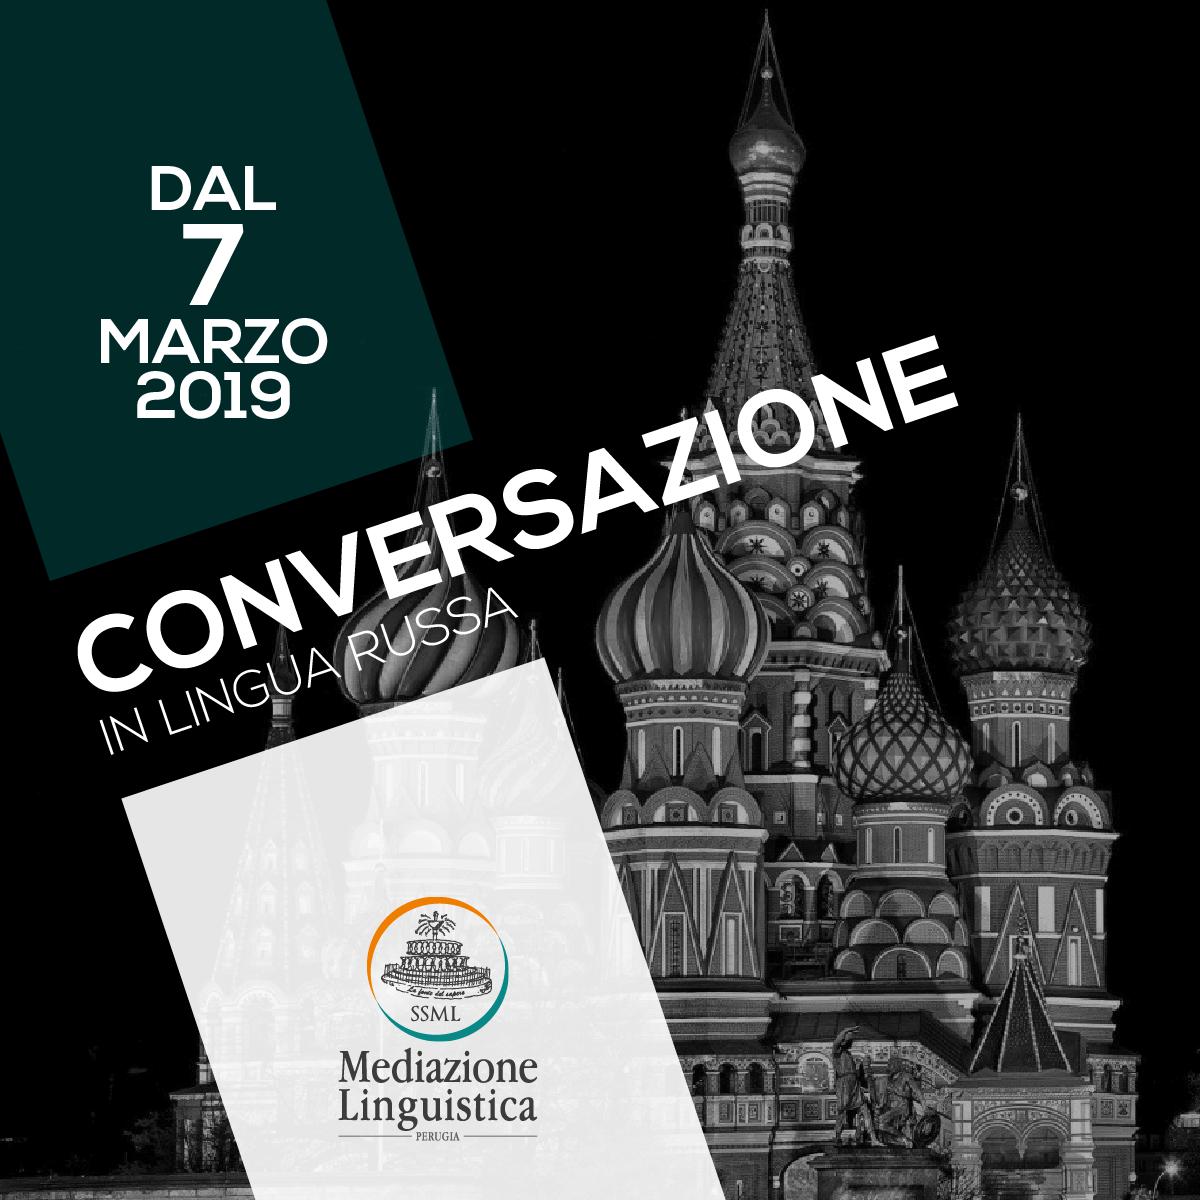 Conversazione in lingua russa